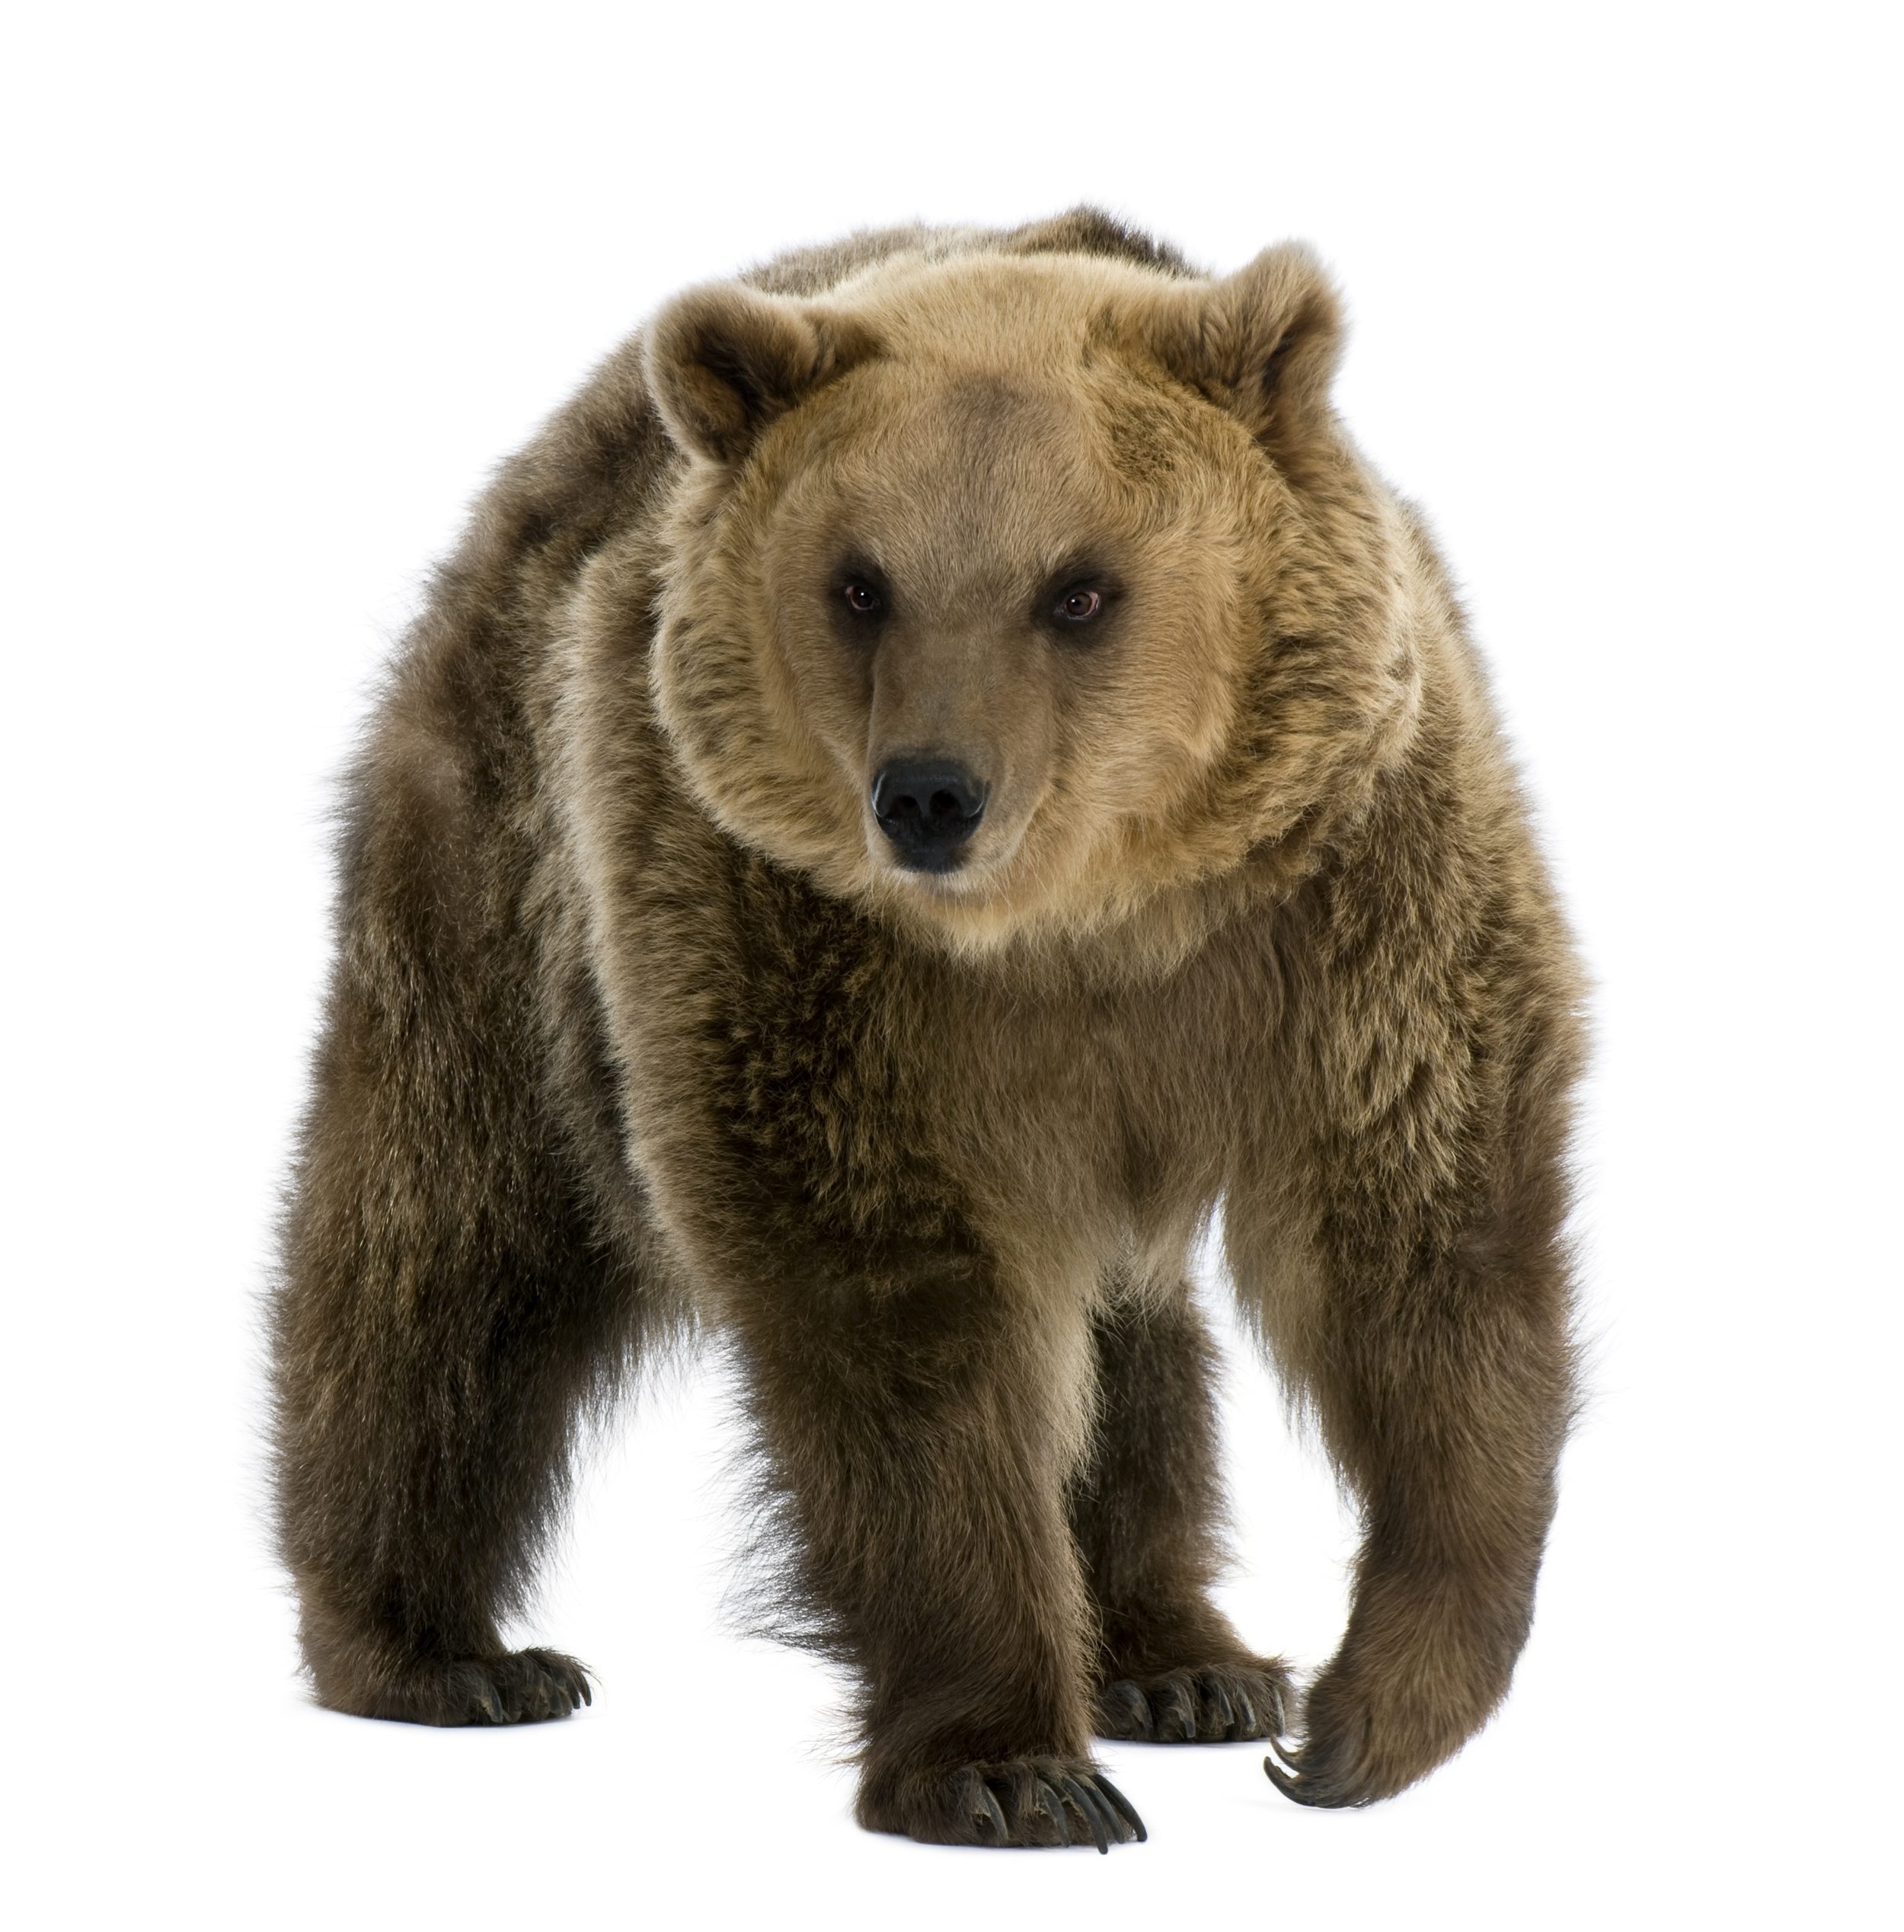 Great Bear Petroleum